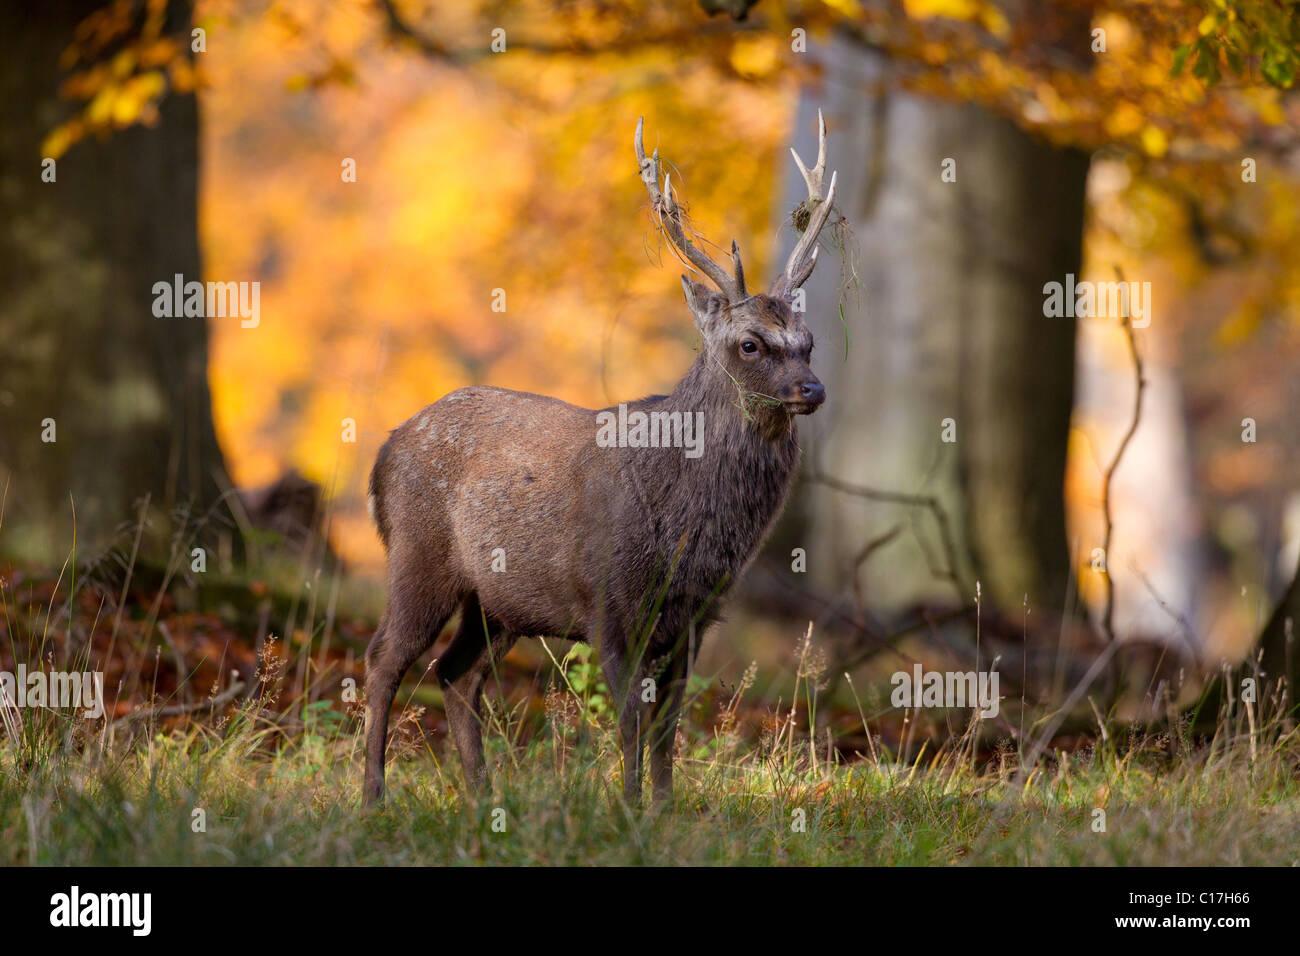 Sika cervo (Cervus nippon) feste di addio al celibato in autunno la foresta, Danimarca Immagini Stock